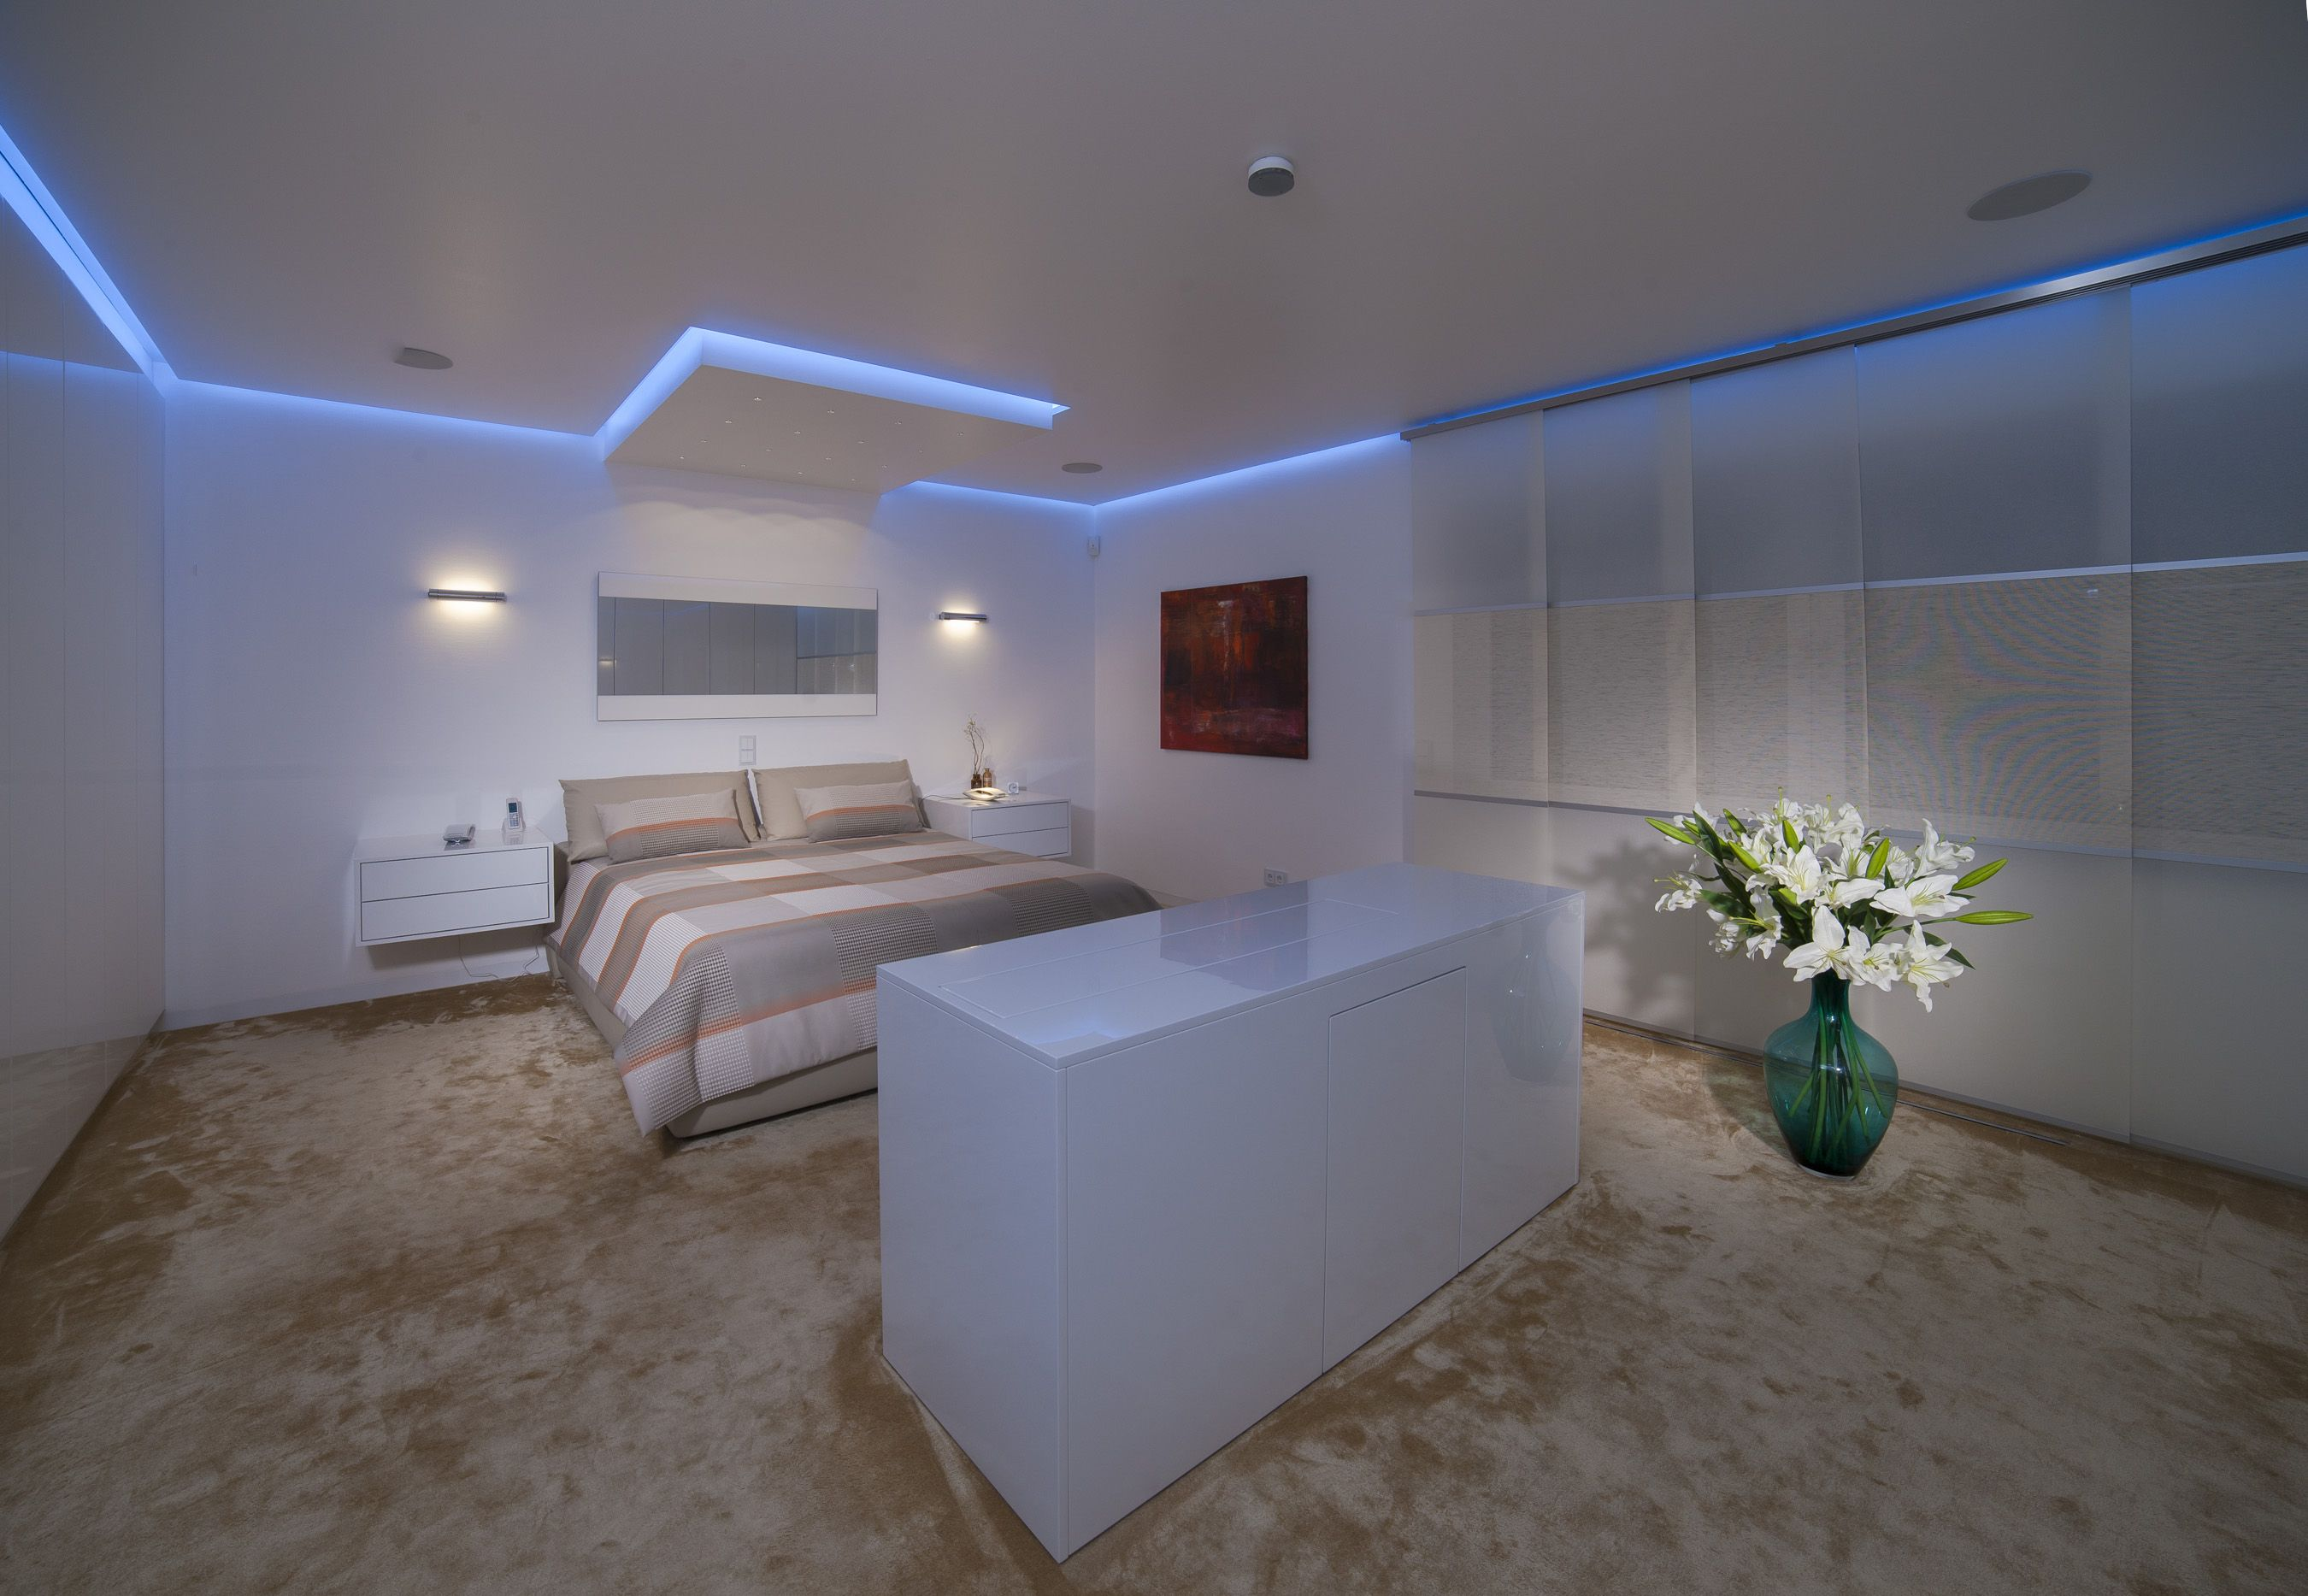 Led Profilelement Lichtdesign Konzept Realisierung Badezimmer Licht Badbeleuchtung